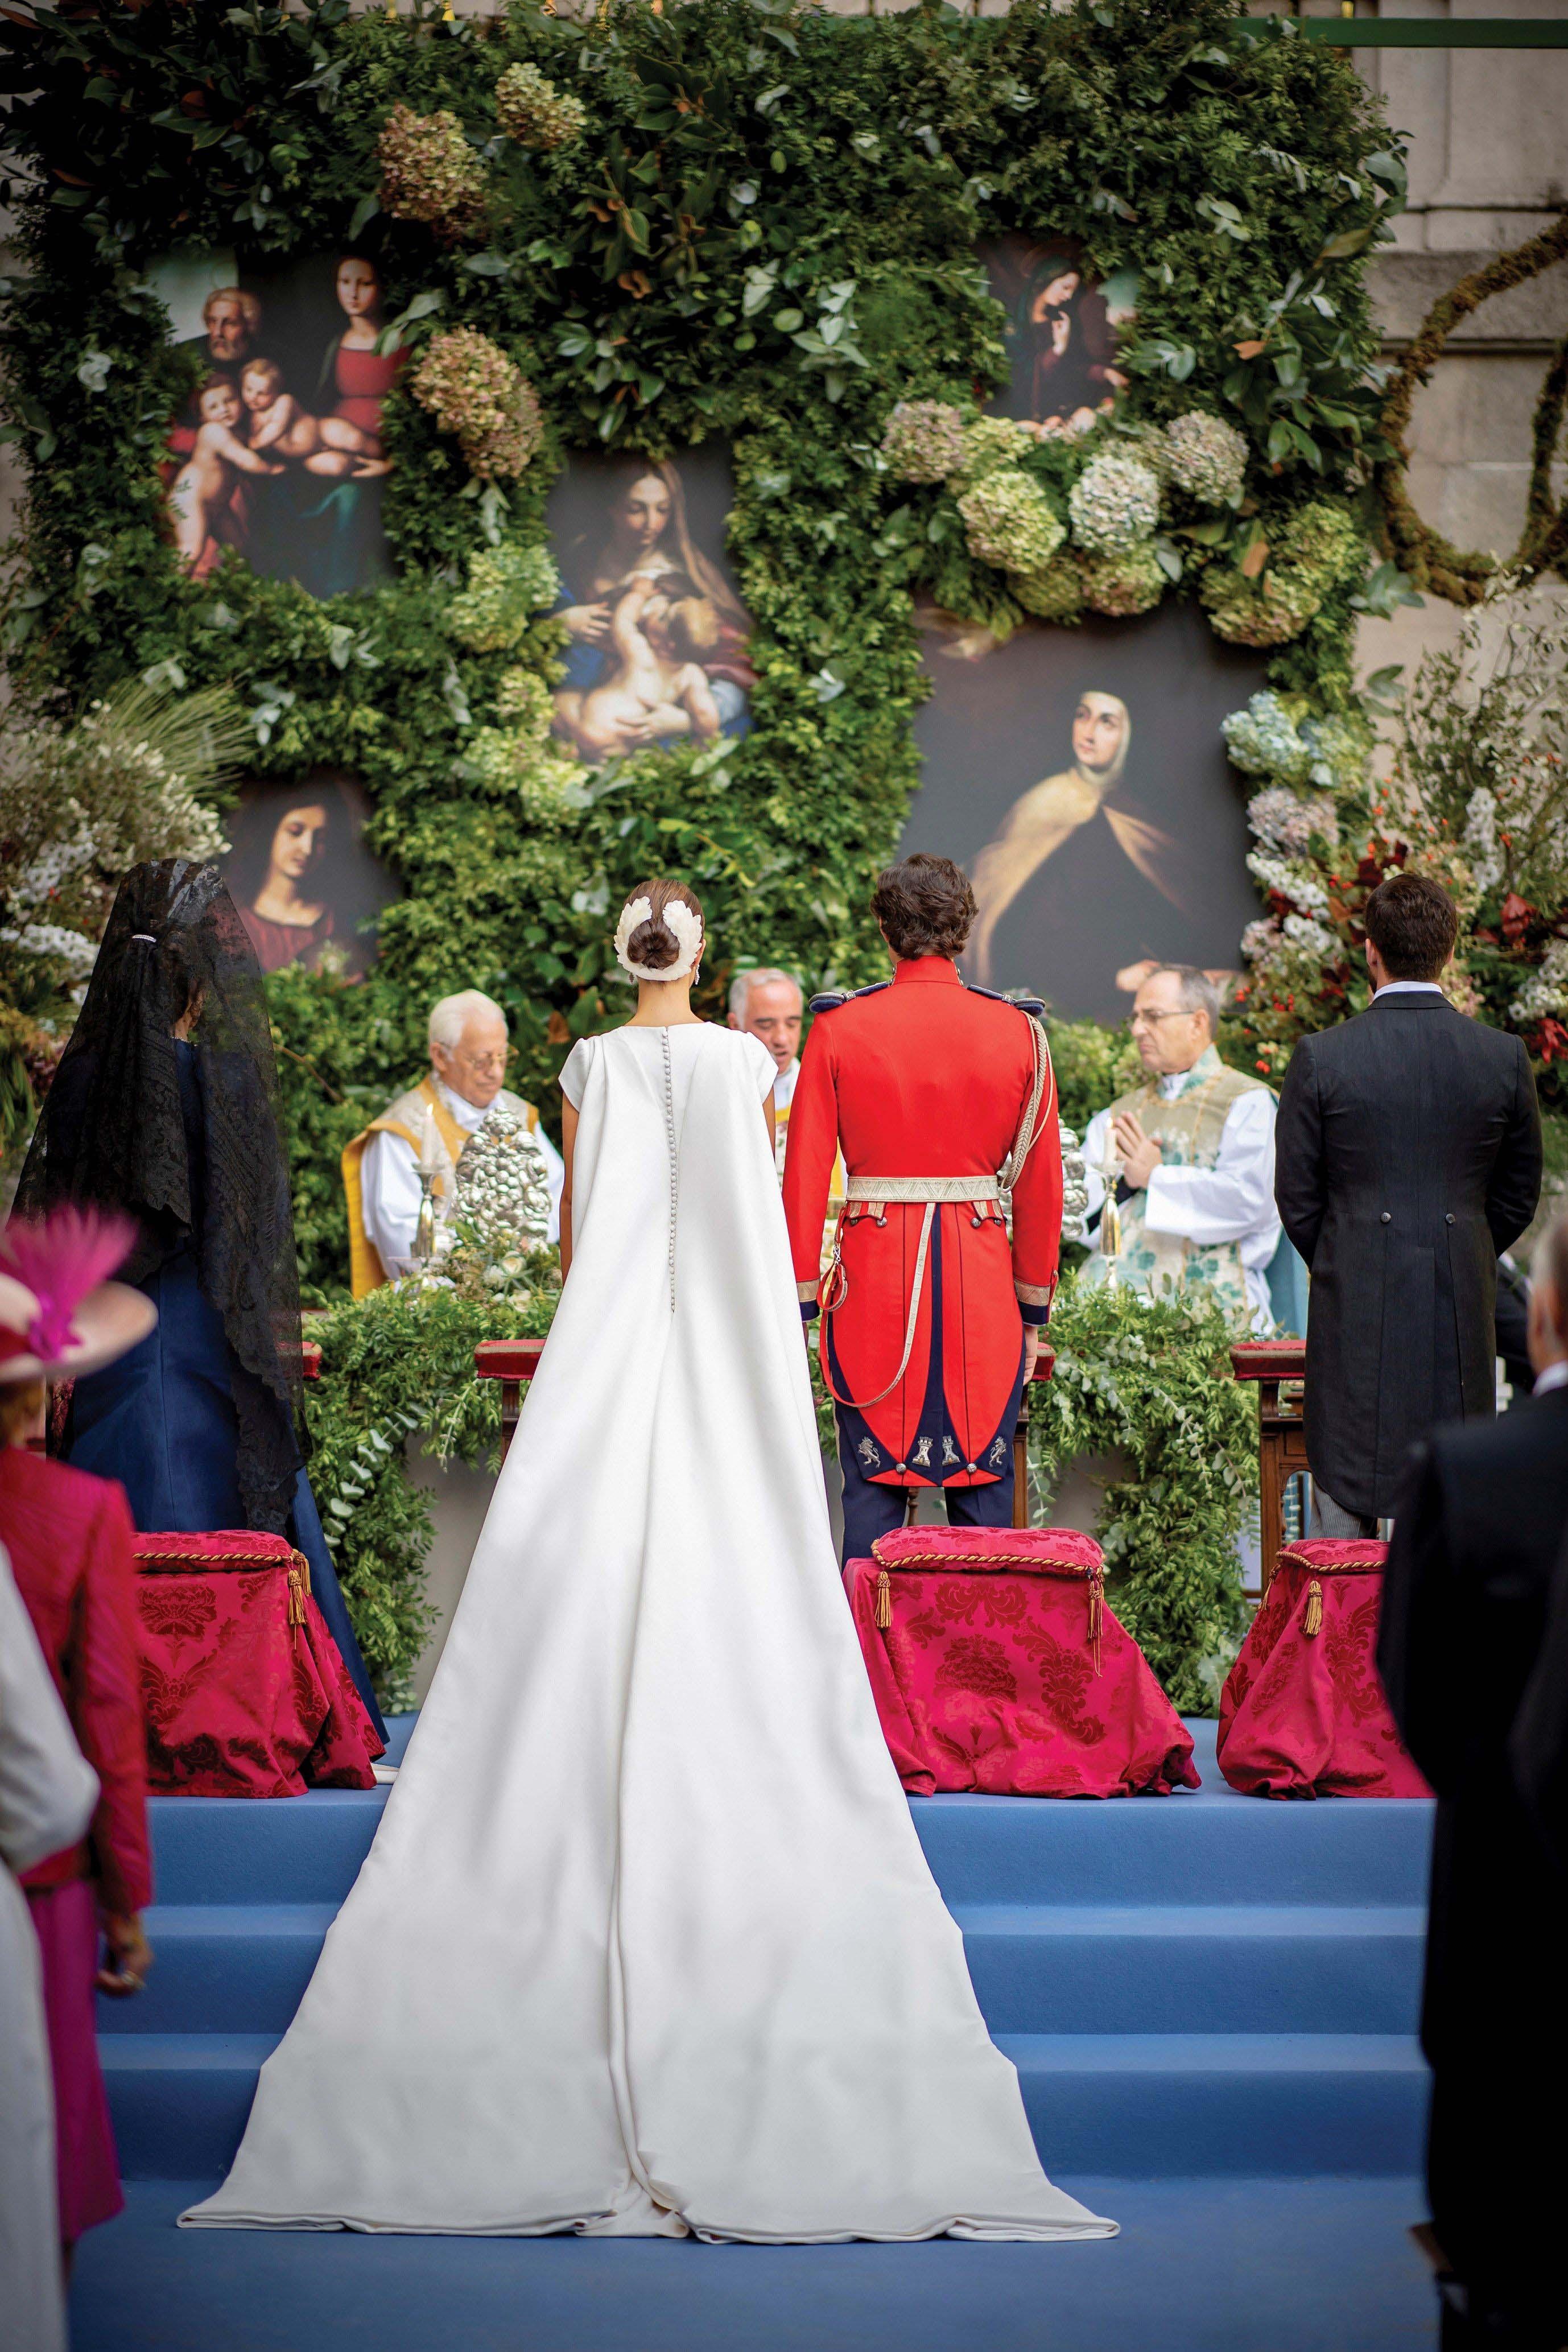 Vestidos de novia venta quito